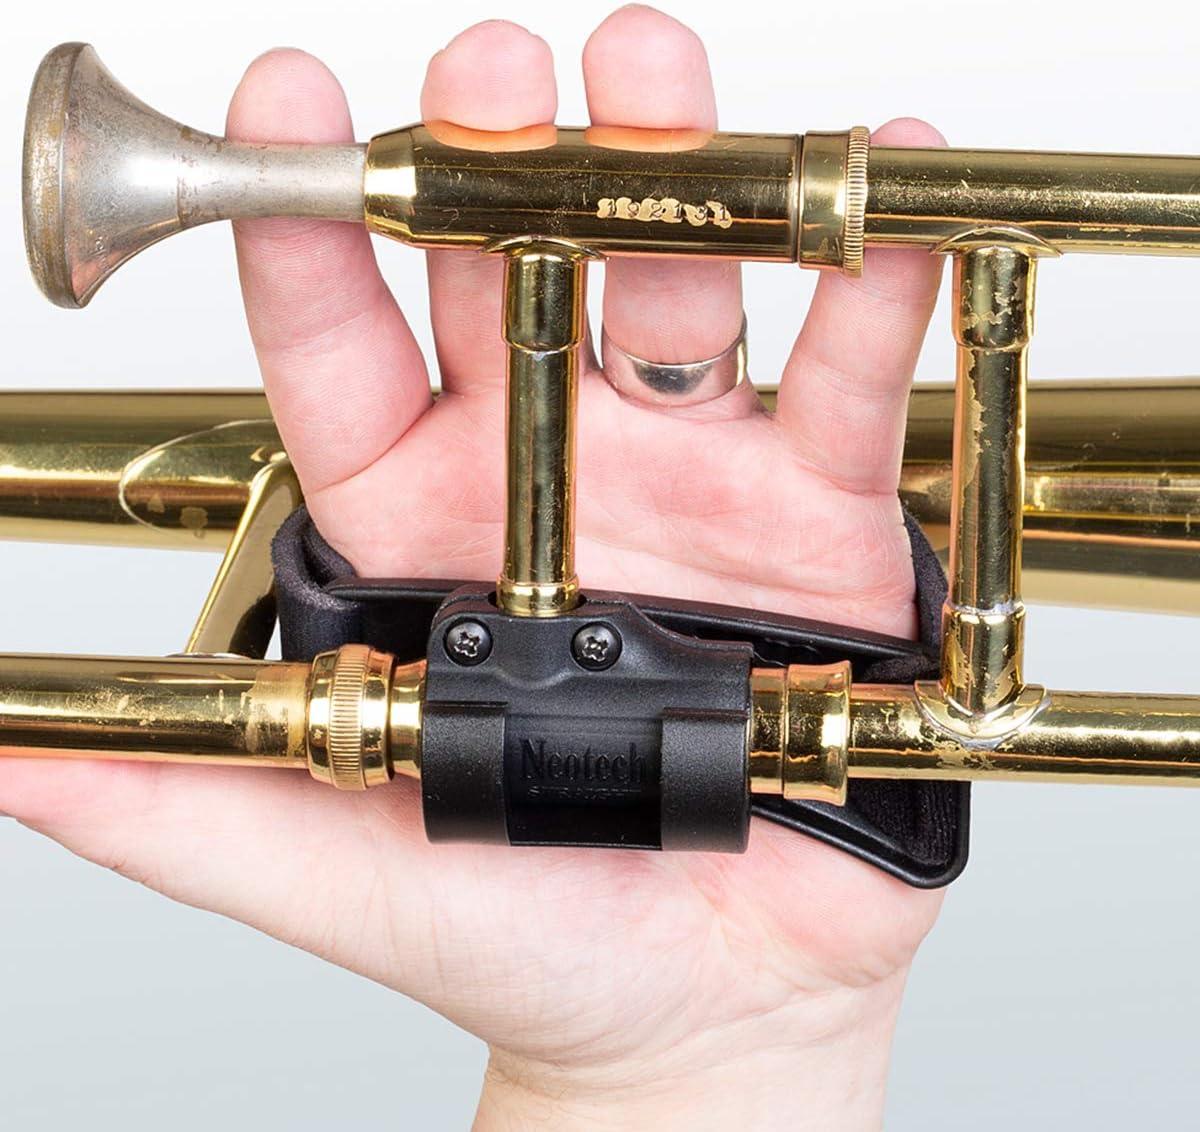 Magnet Loriginal de Tro/ïka 3 stylos H/élicopt/ère TROIKA READY 4 TAKE OFF Porte-trombones Noir GAM03//BK Brillant Surligneur 5 trombones Moteur /à r/étrofriction Presse-lettres